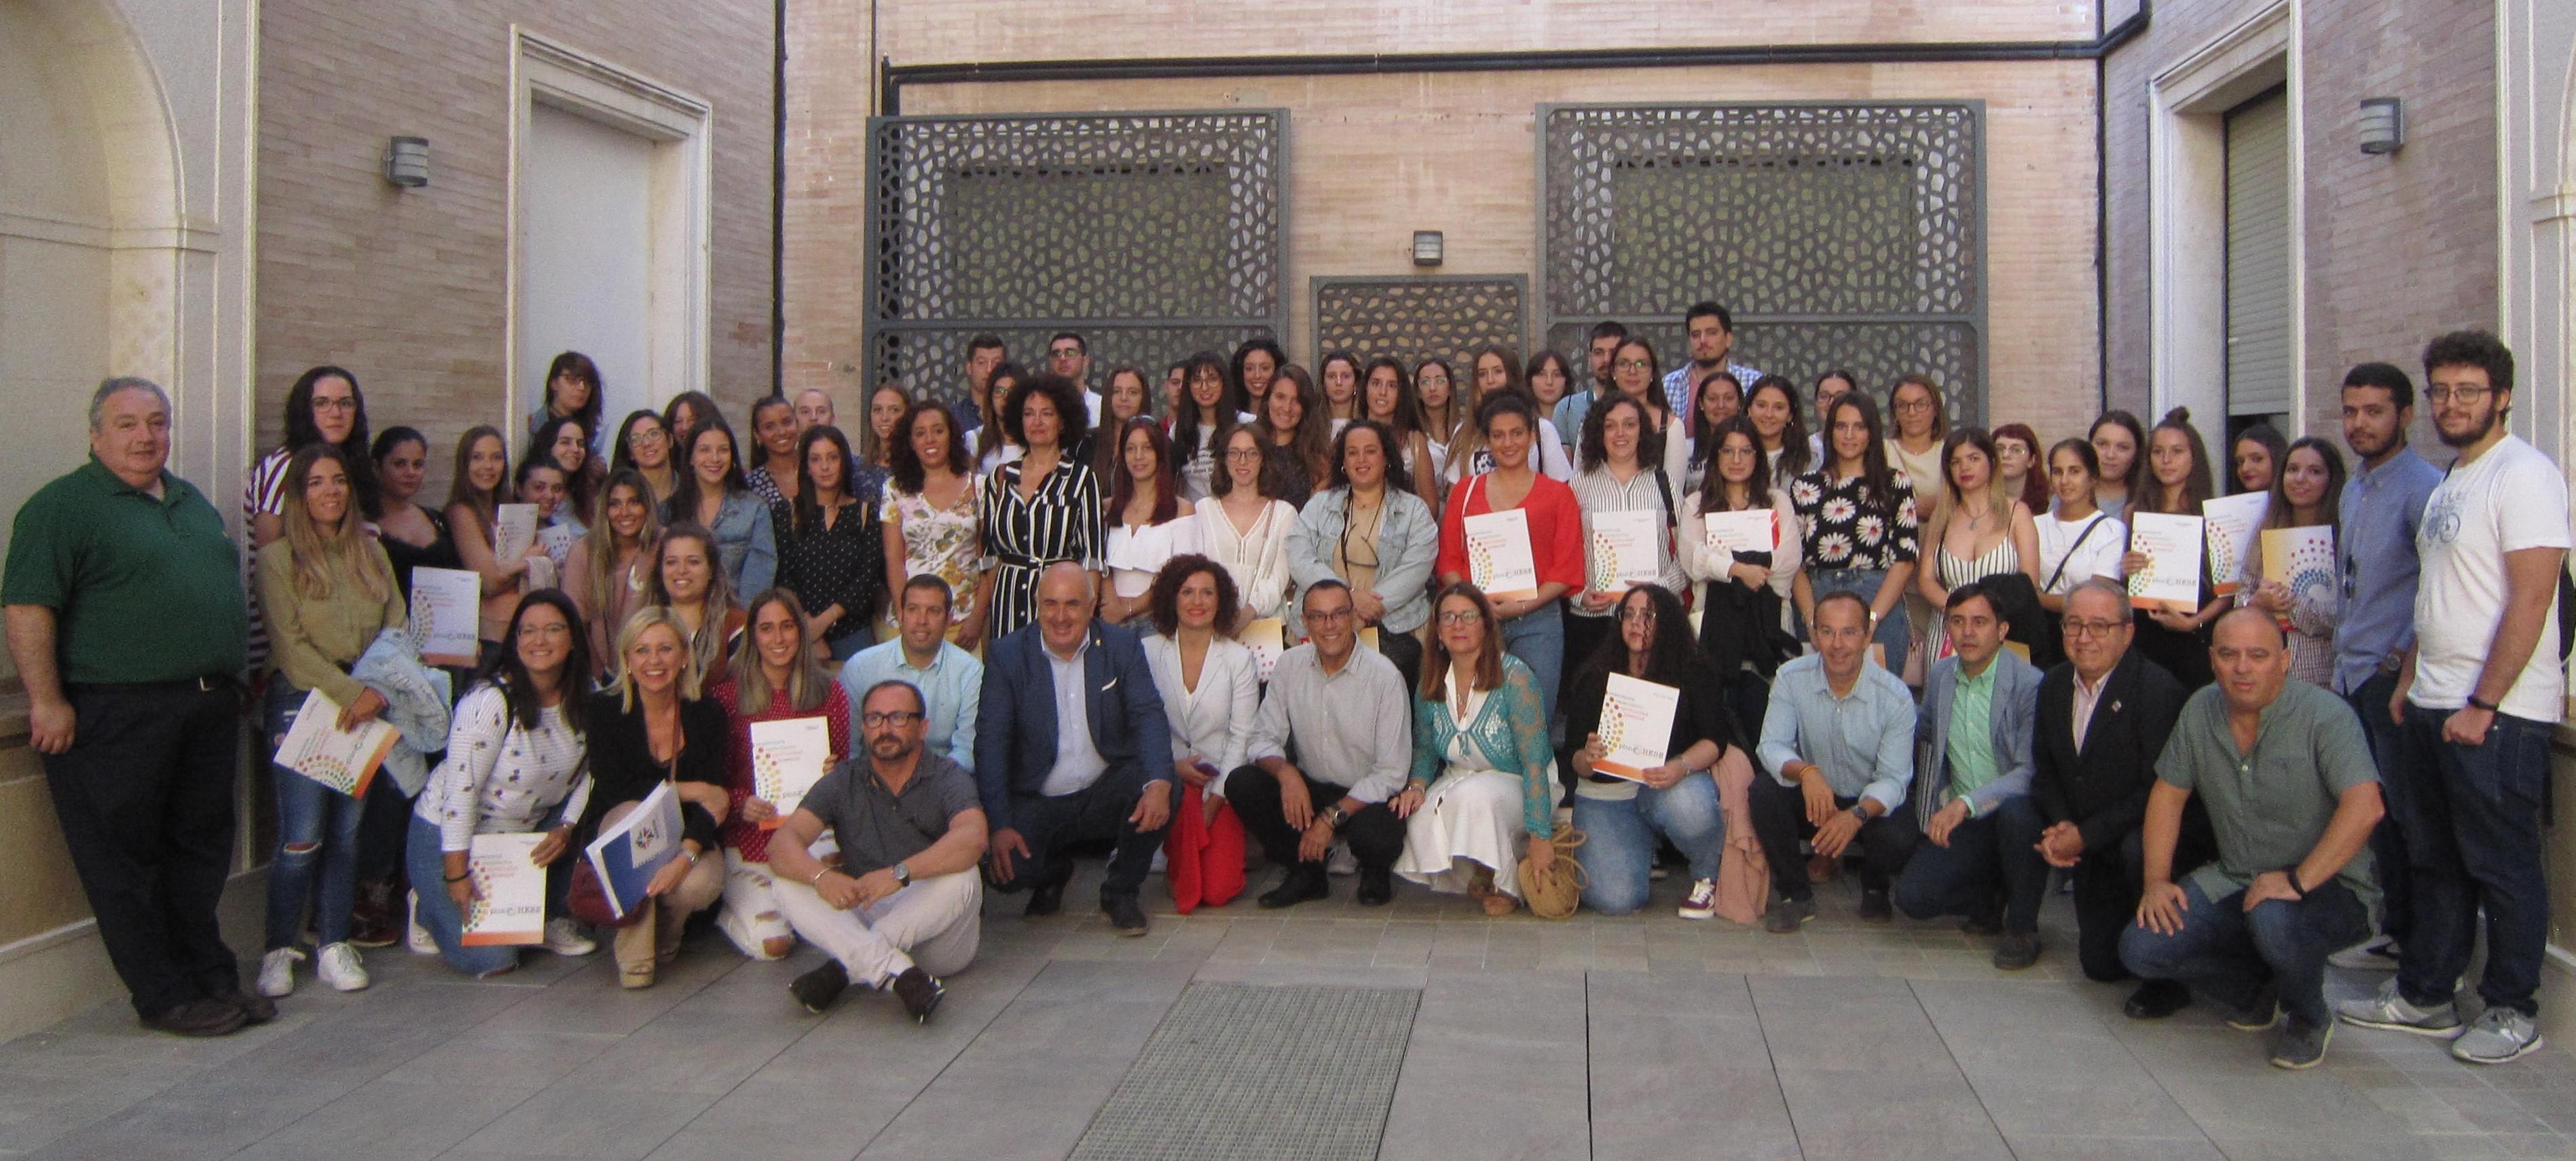 Nueve jóvenes de la Sierra de Aracena y Picos de Aroche se beneficiarán de las becas HEBE, Primera Oportunidad, en su quinta edición 2019